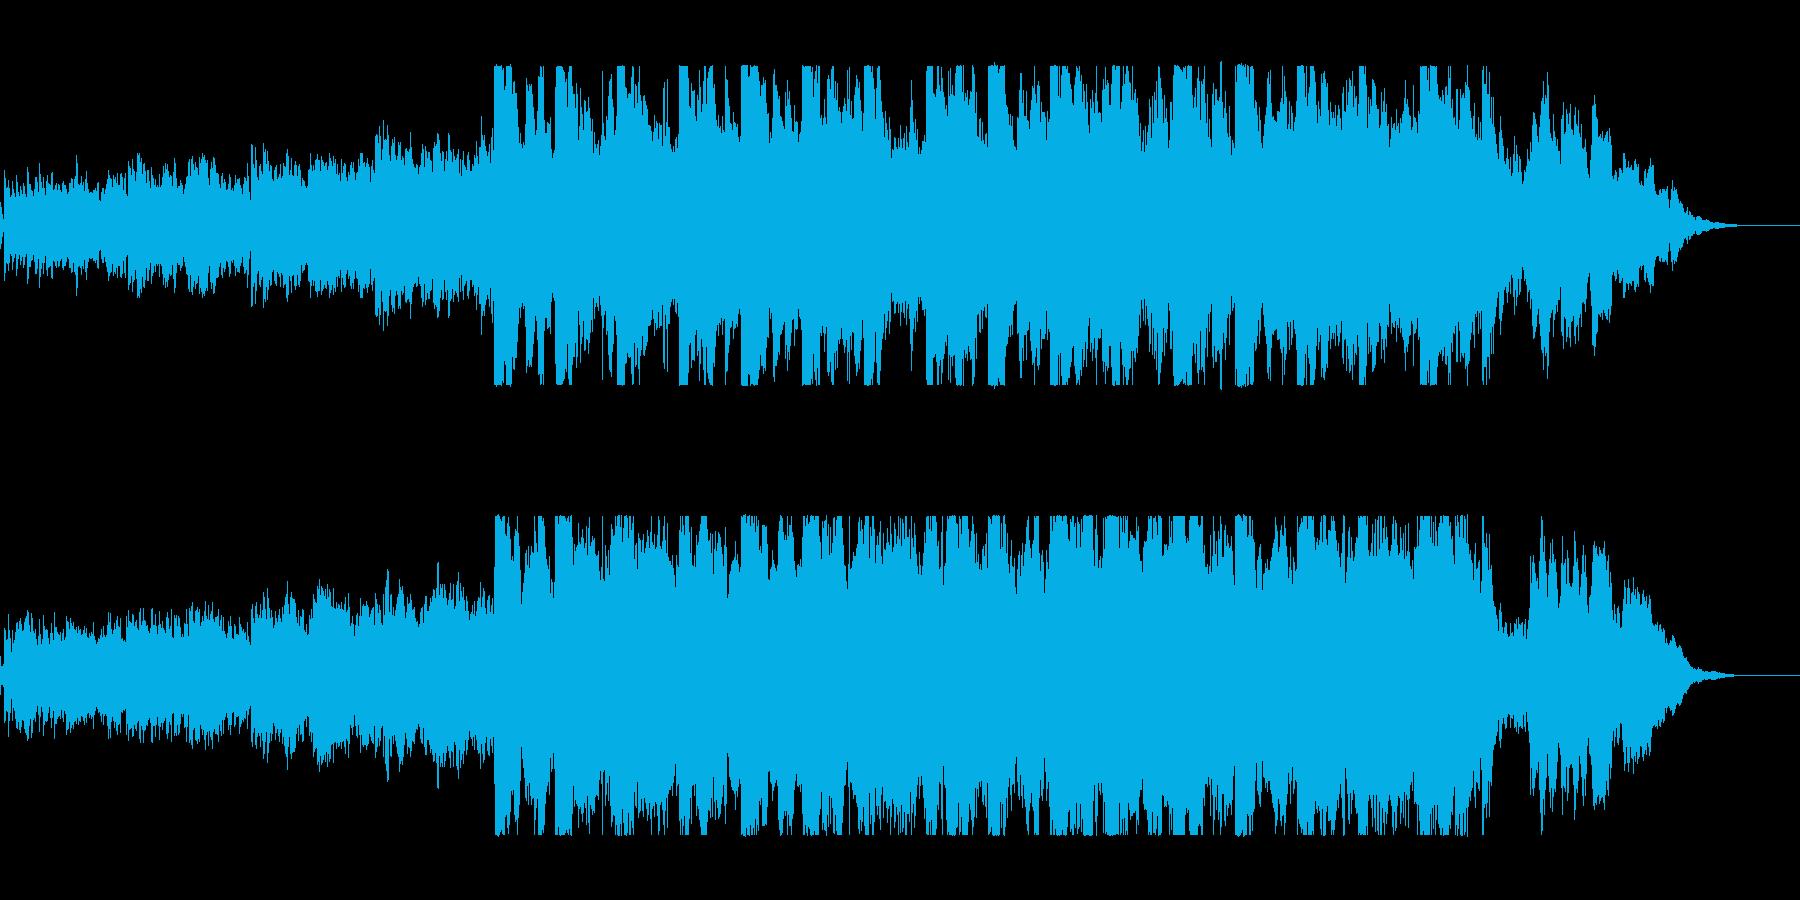 オーケストラと和楽器のイージーリスニングの再生済みの波形